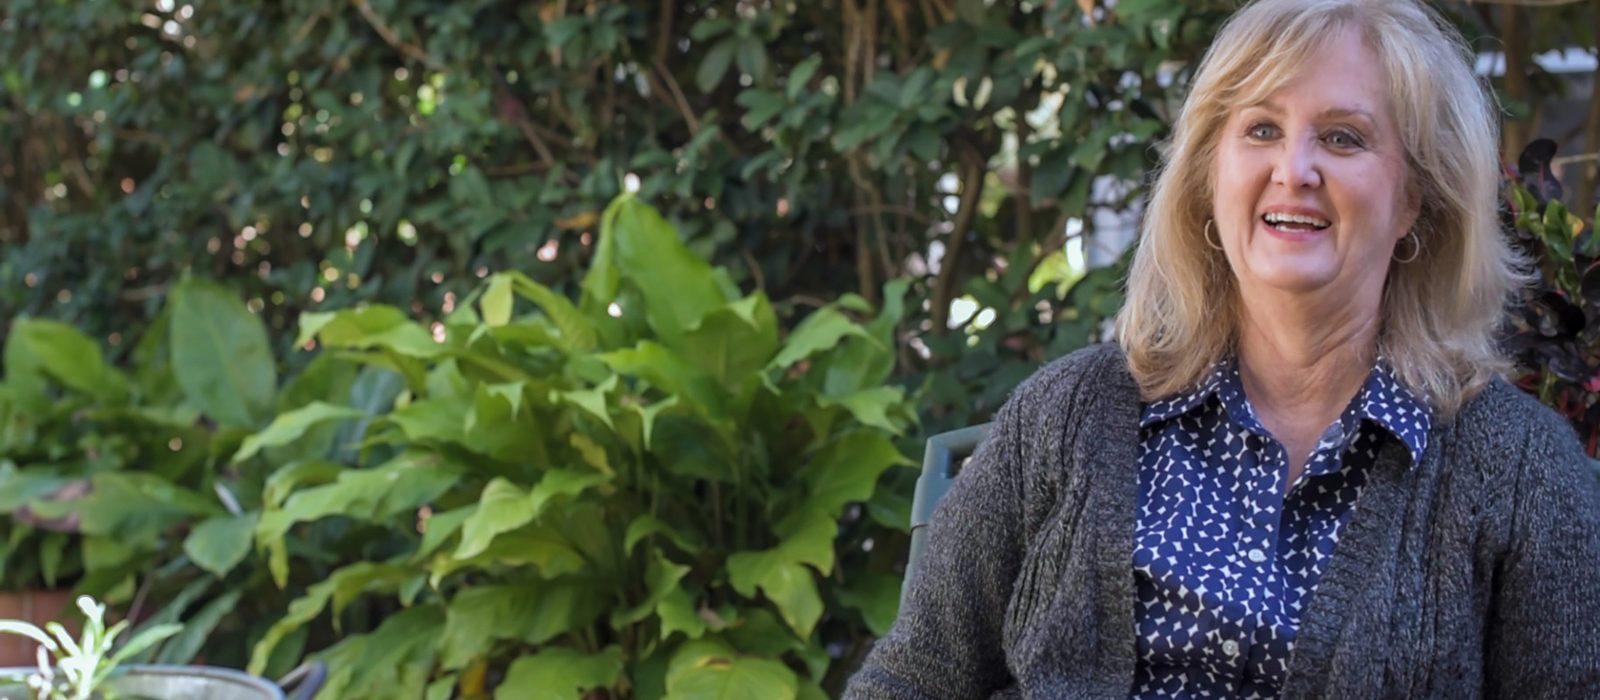 Deborah Weaver sitting in her garden